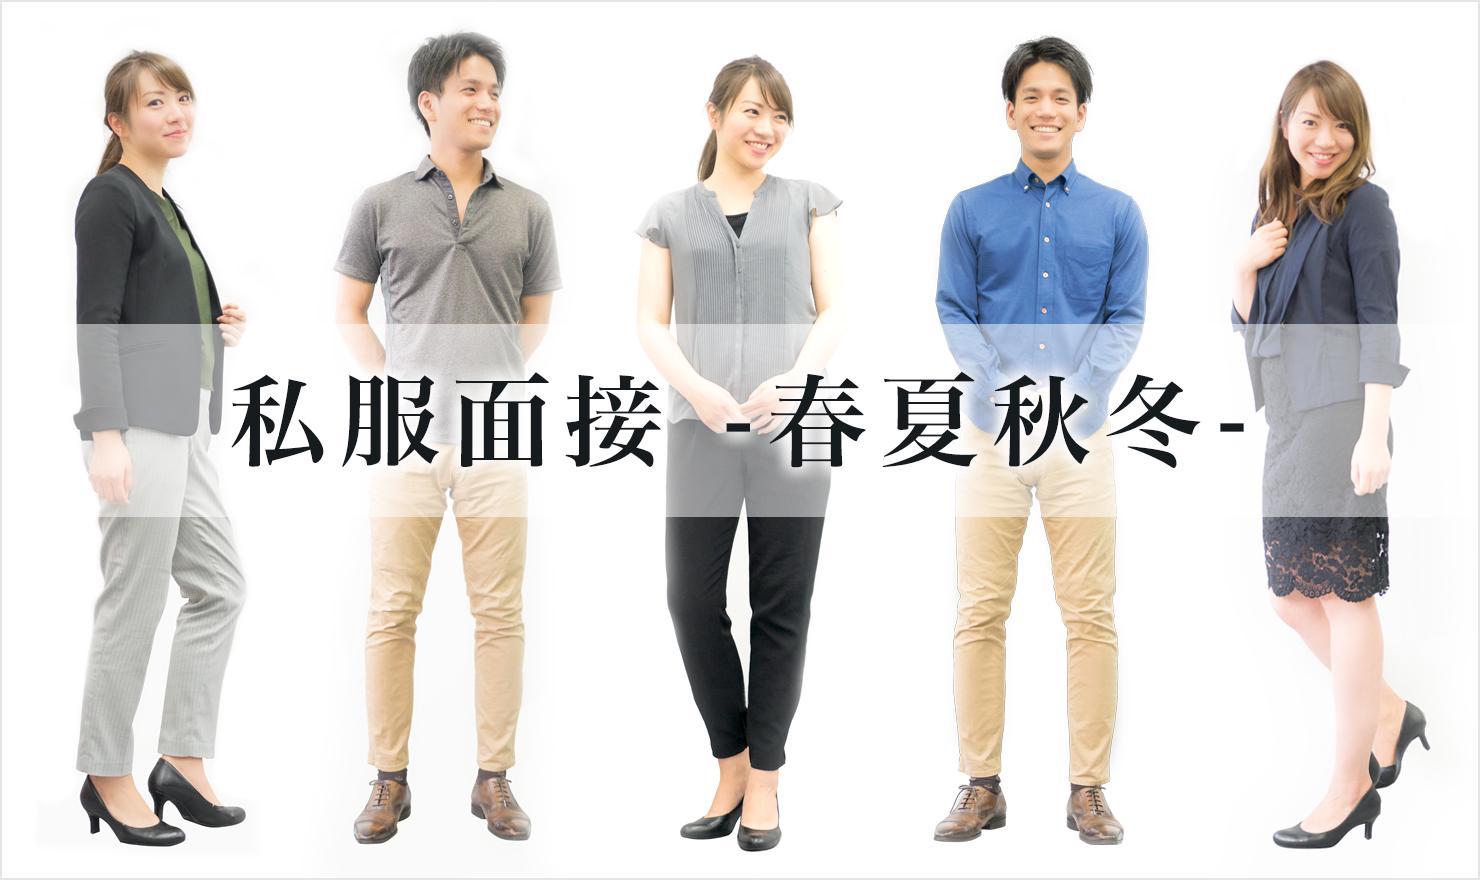 男女が5パターンの服を着ている画像